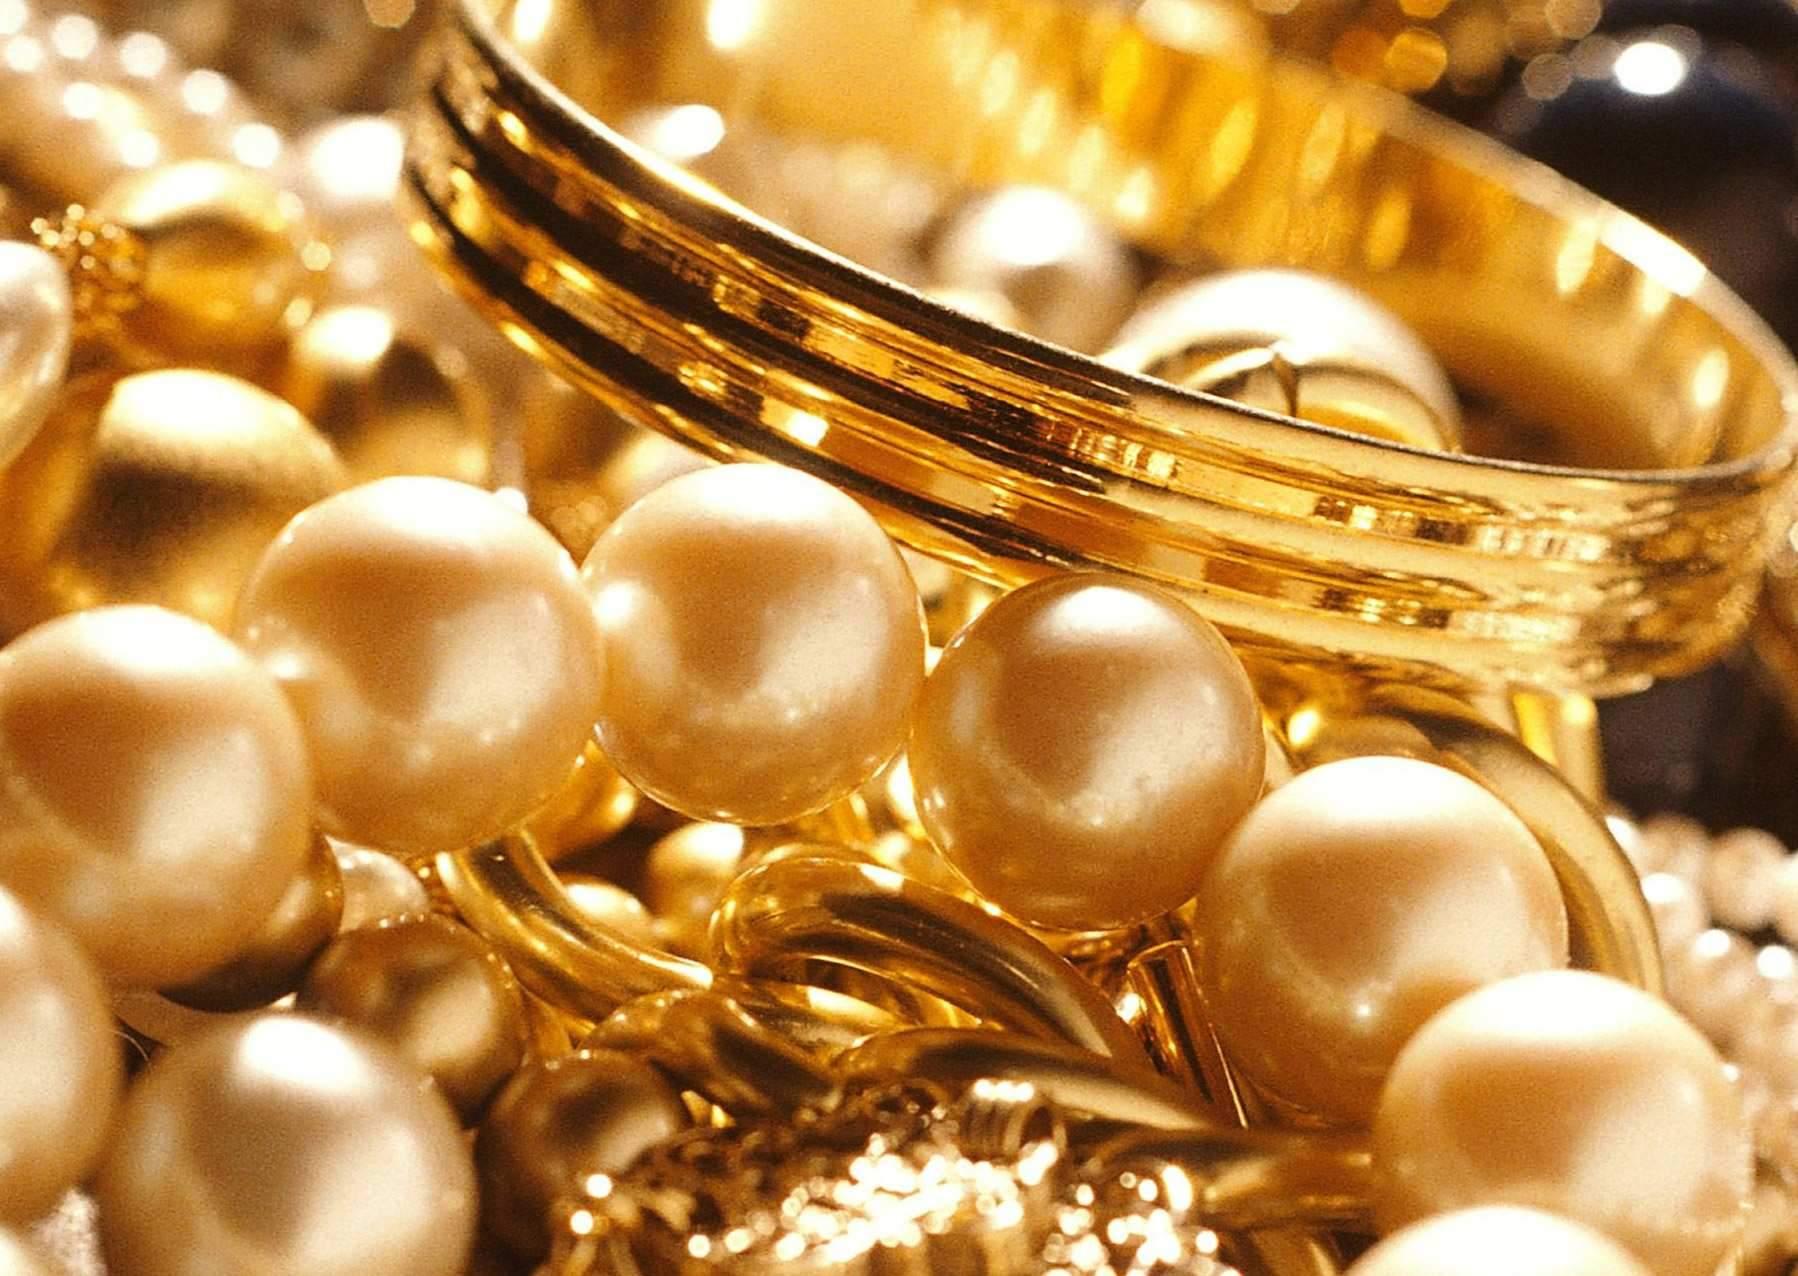 قیمت طلا 22 مرداد 97 - مجله فارسی